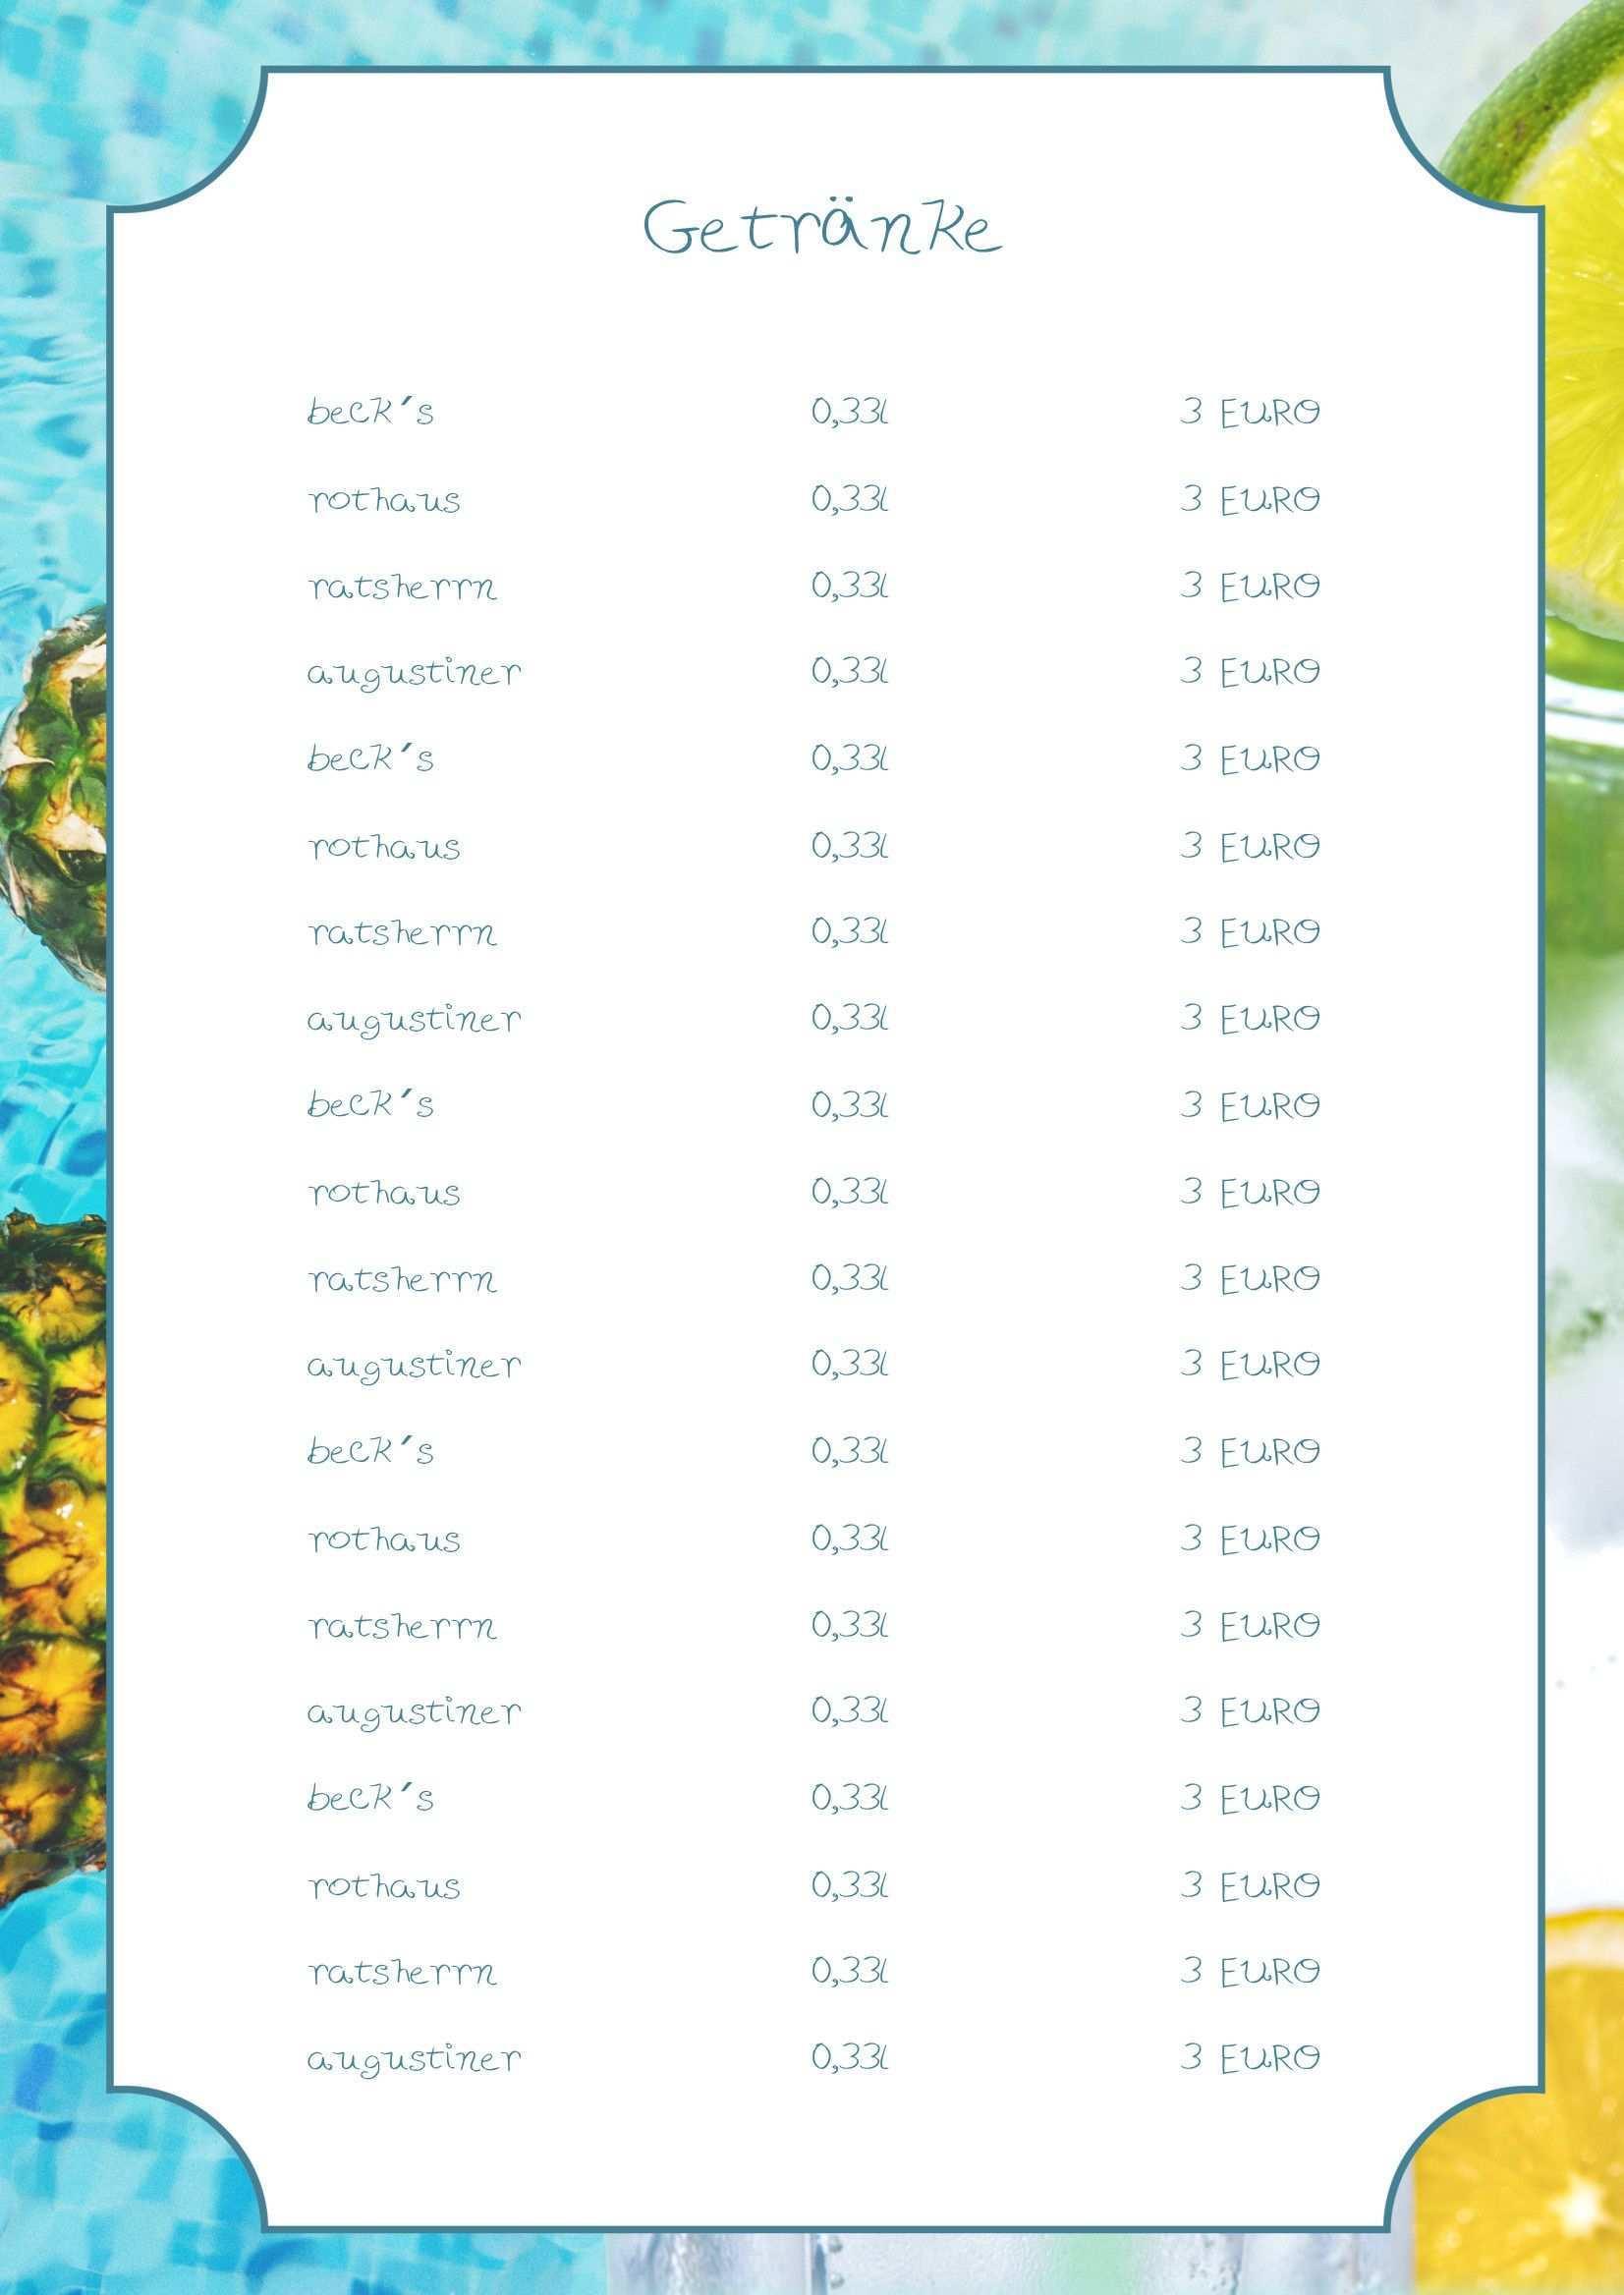 Suchst Du Noch Eine Vorlage Fur Deine Sommerkarten Bei Dieser Vorlage Musst Du Nur Die Texte Anpassen Und Schon Geht Der S Getranke Karte Speisekarte Getranke